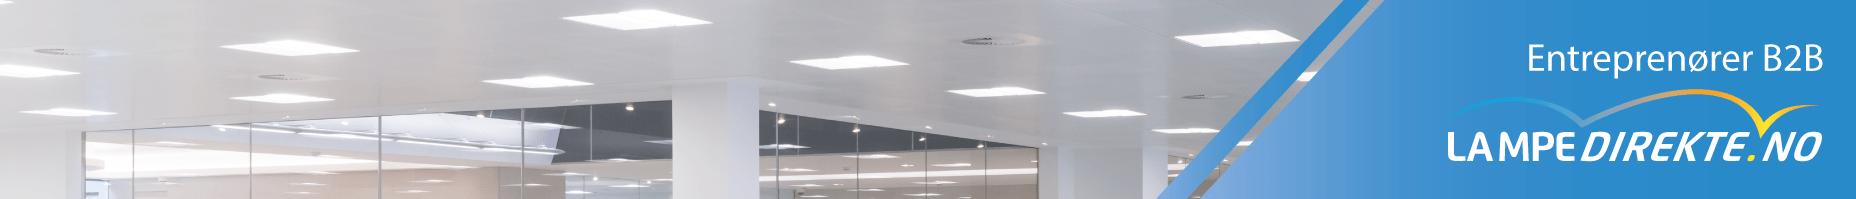 Lampdirect bedrijfsverlichting